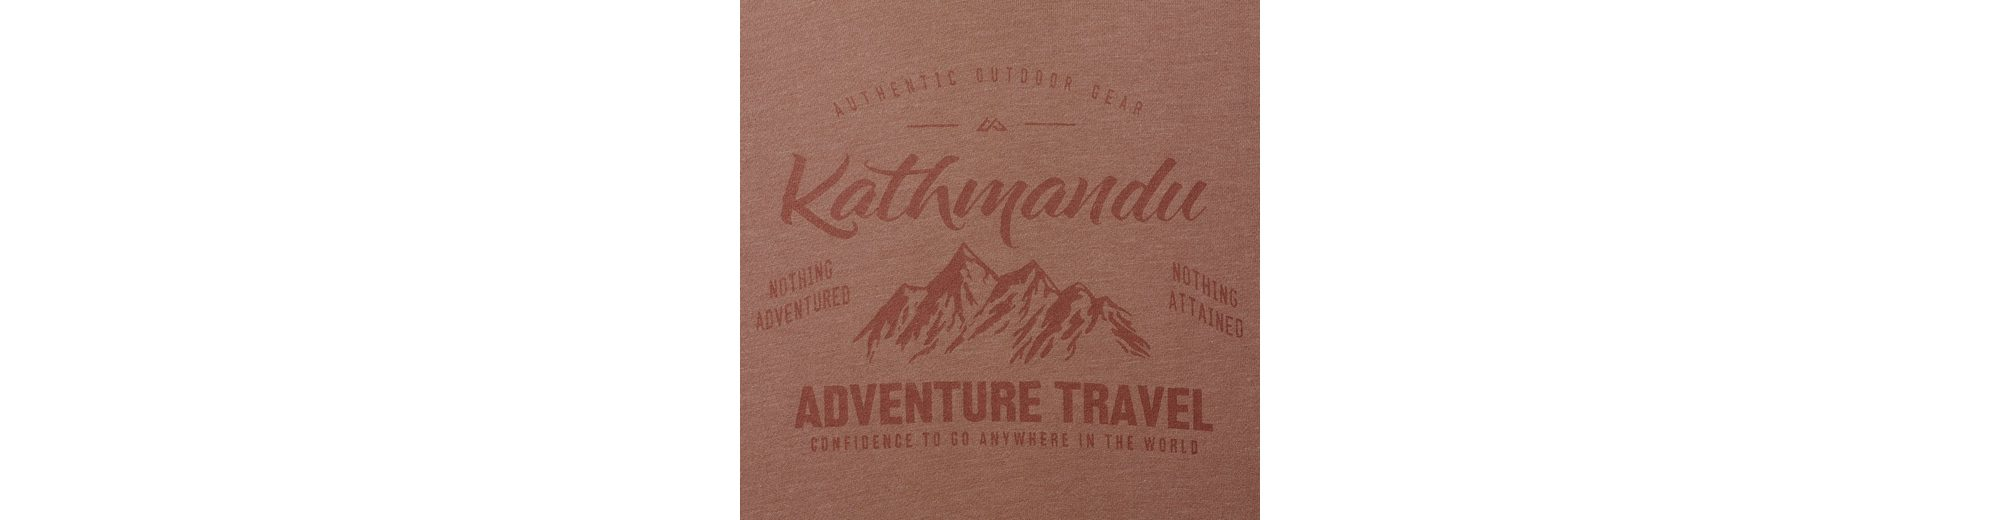 Spielraum Kosten Kathmandu Nachhaltiger Hoodie Earth Auslauf Gut Verkaufen Steckdose Breite Palette Von cYr2pR